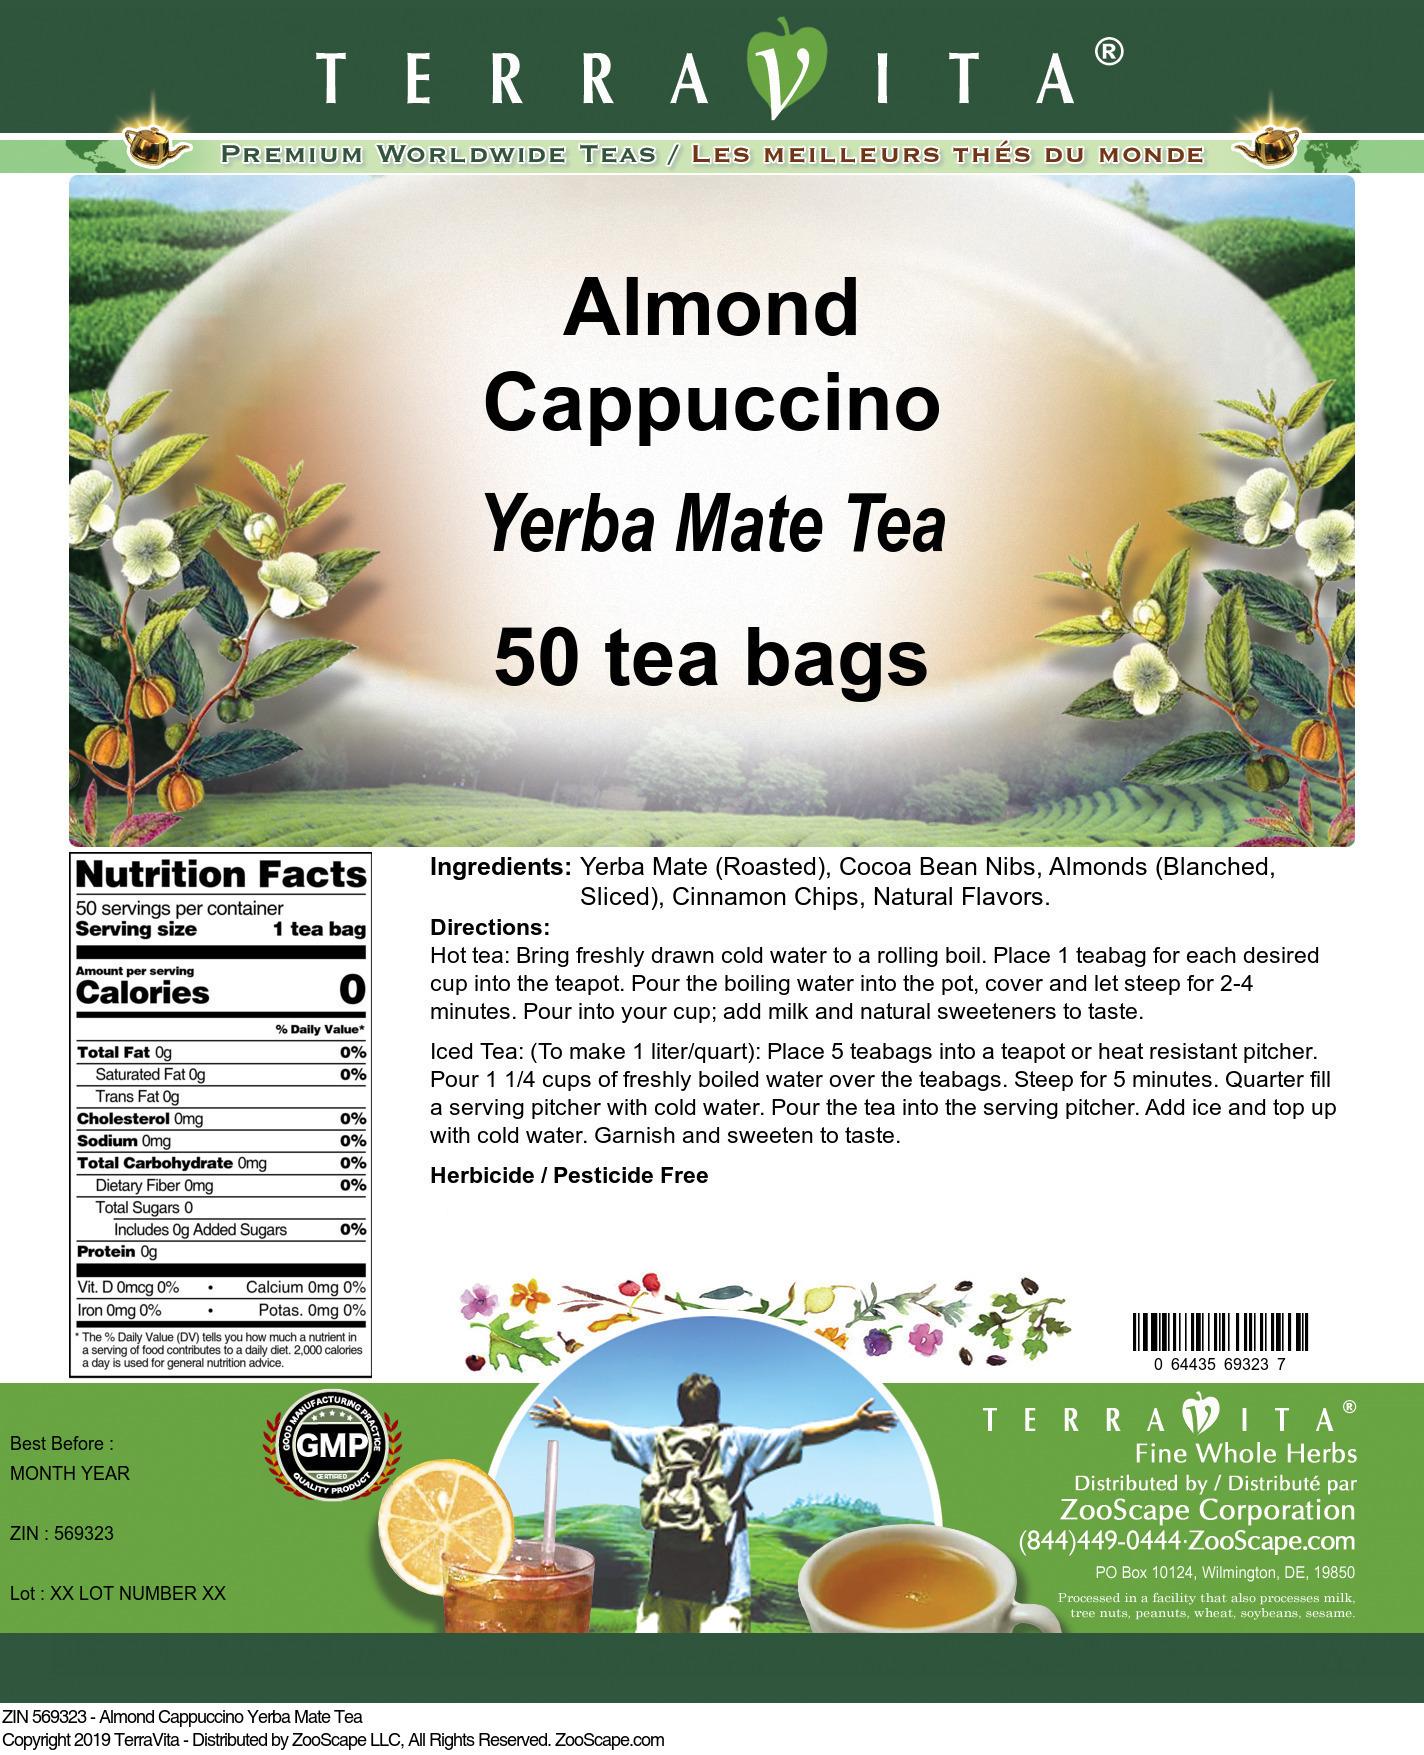 Almond Cappuccino Yerba Mate